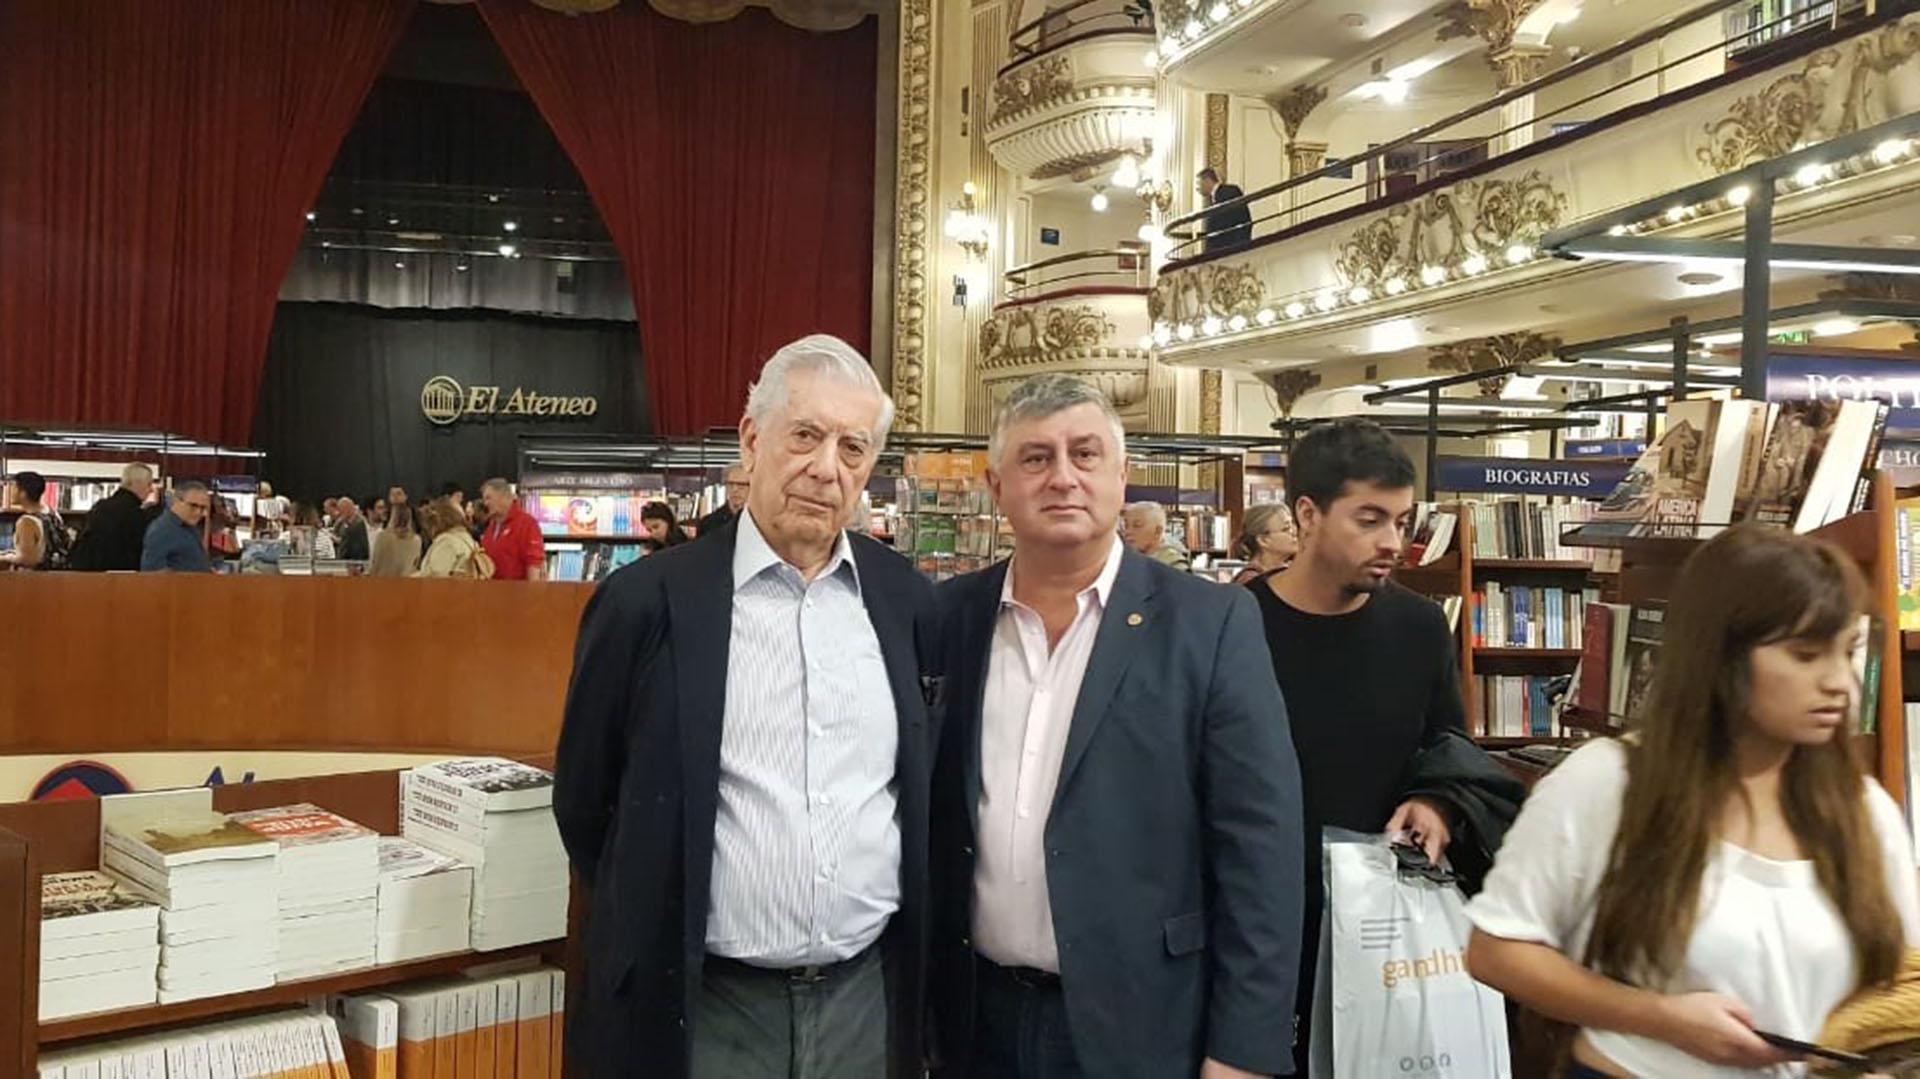 Junto a su amigo Gerardo Bongiovanni, el escritor peruano cumplió esta mañana con uno de sus ritos porteños